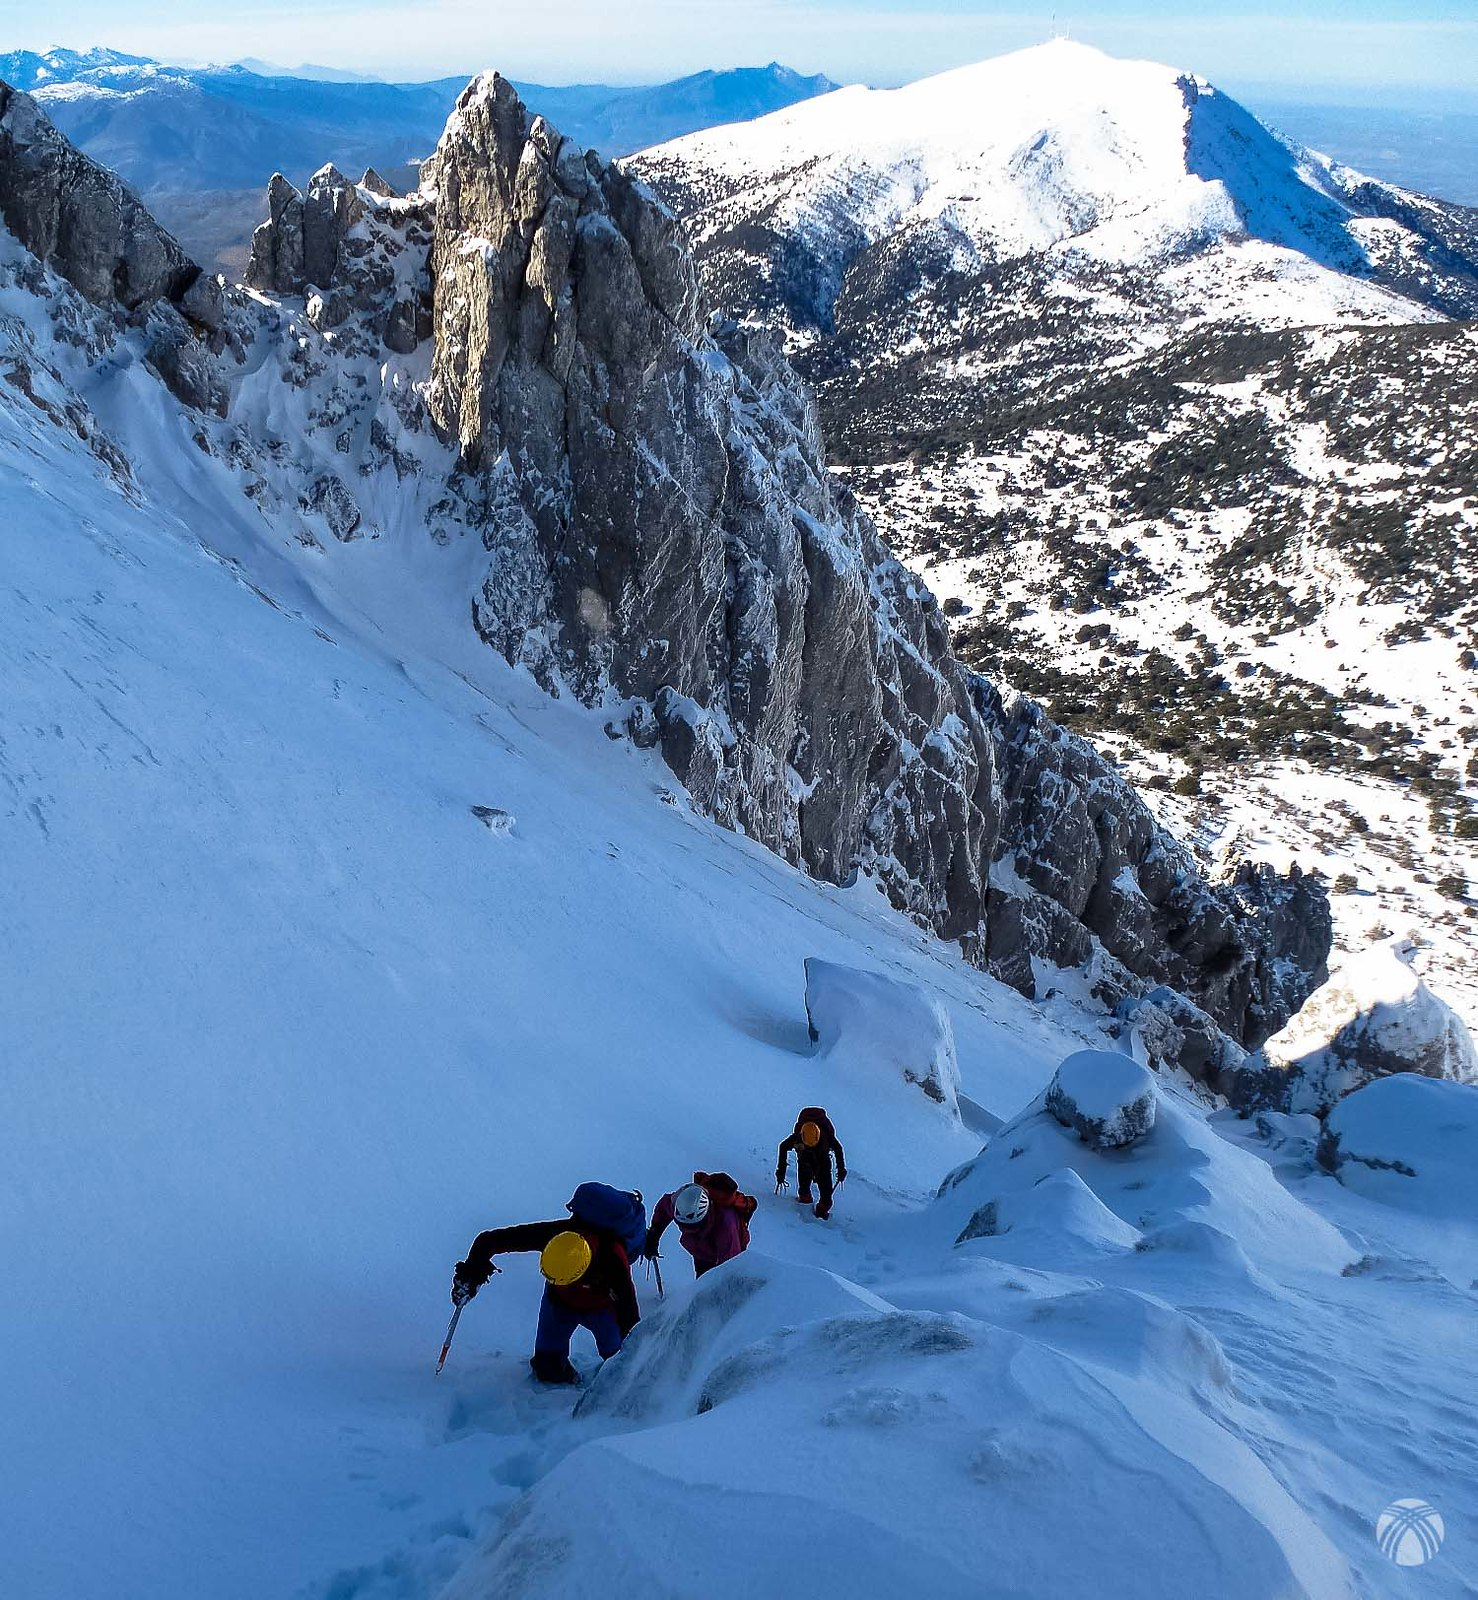 Perspectiva del corredor y al fondo el Cerro Almacén con sus antenas características